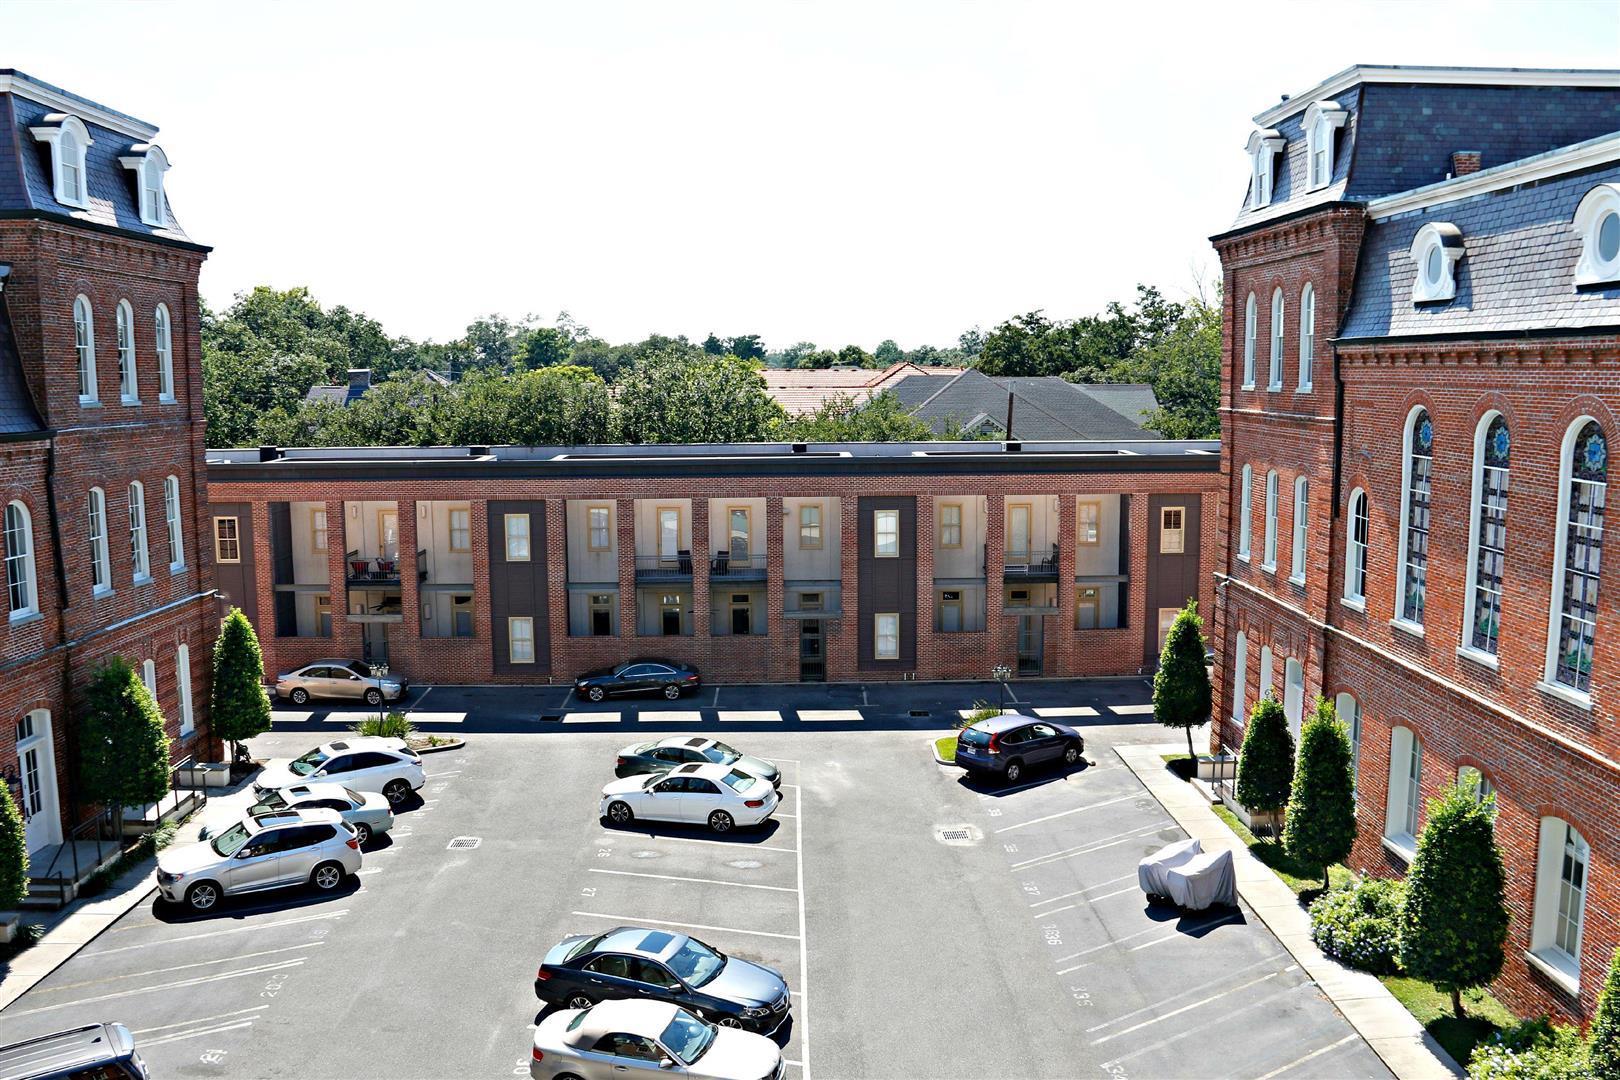 St.ElizabethsCondos,ParkingLot.jpg